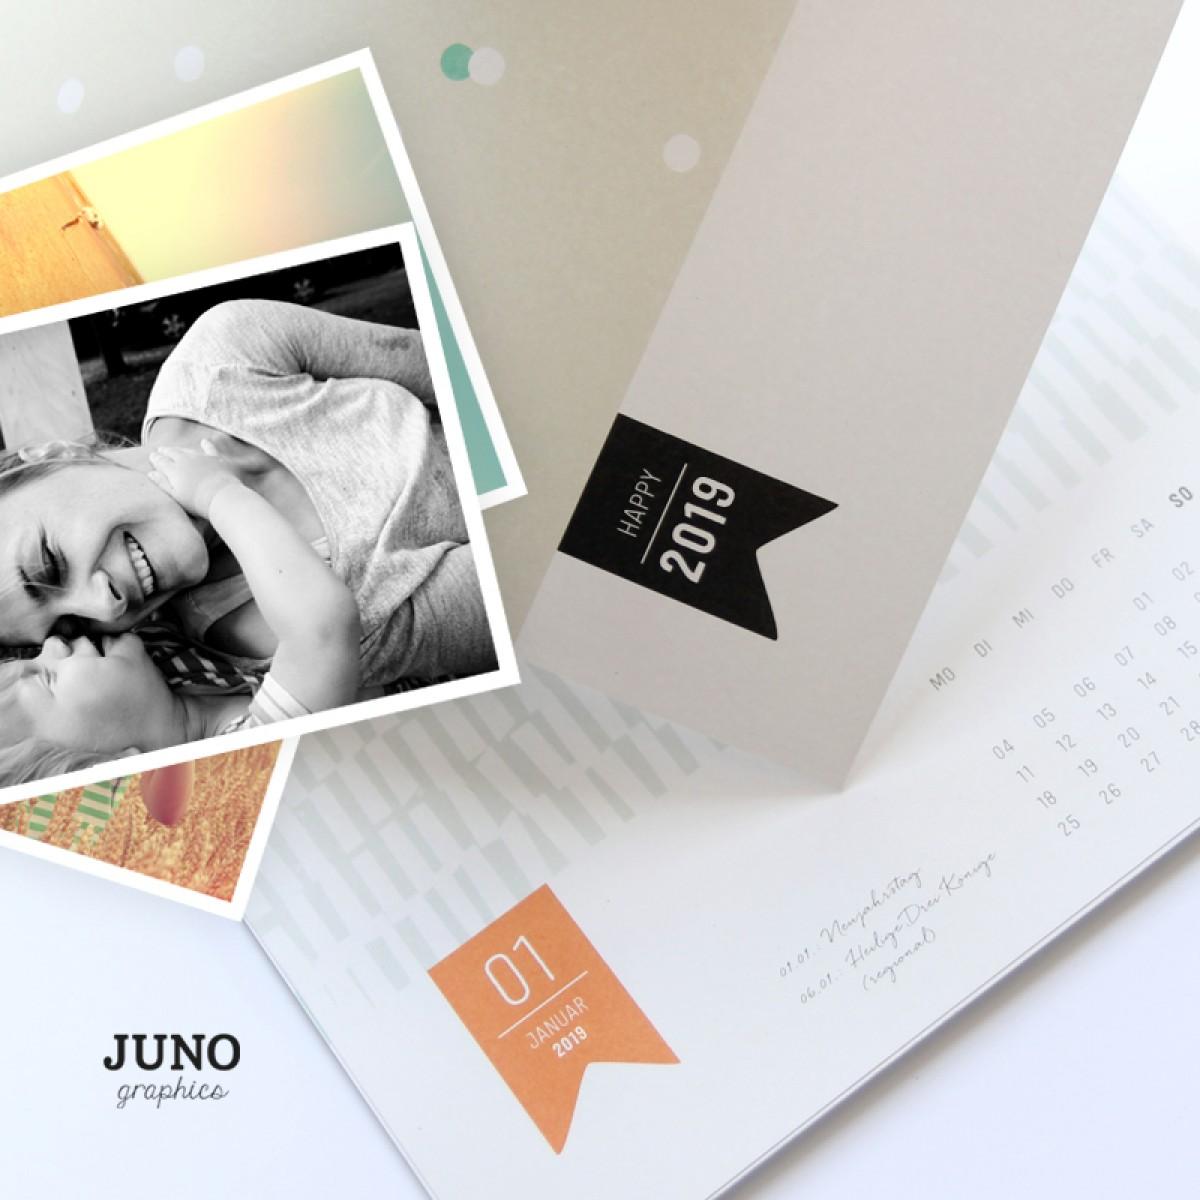 JUNOgraphics 2020 Fotokalender, Bastelkalender, A4 DIY Kalender